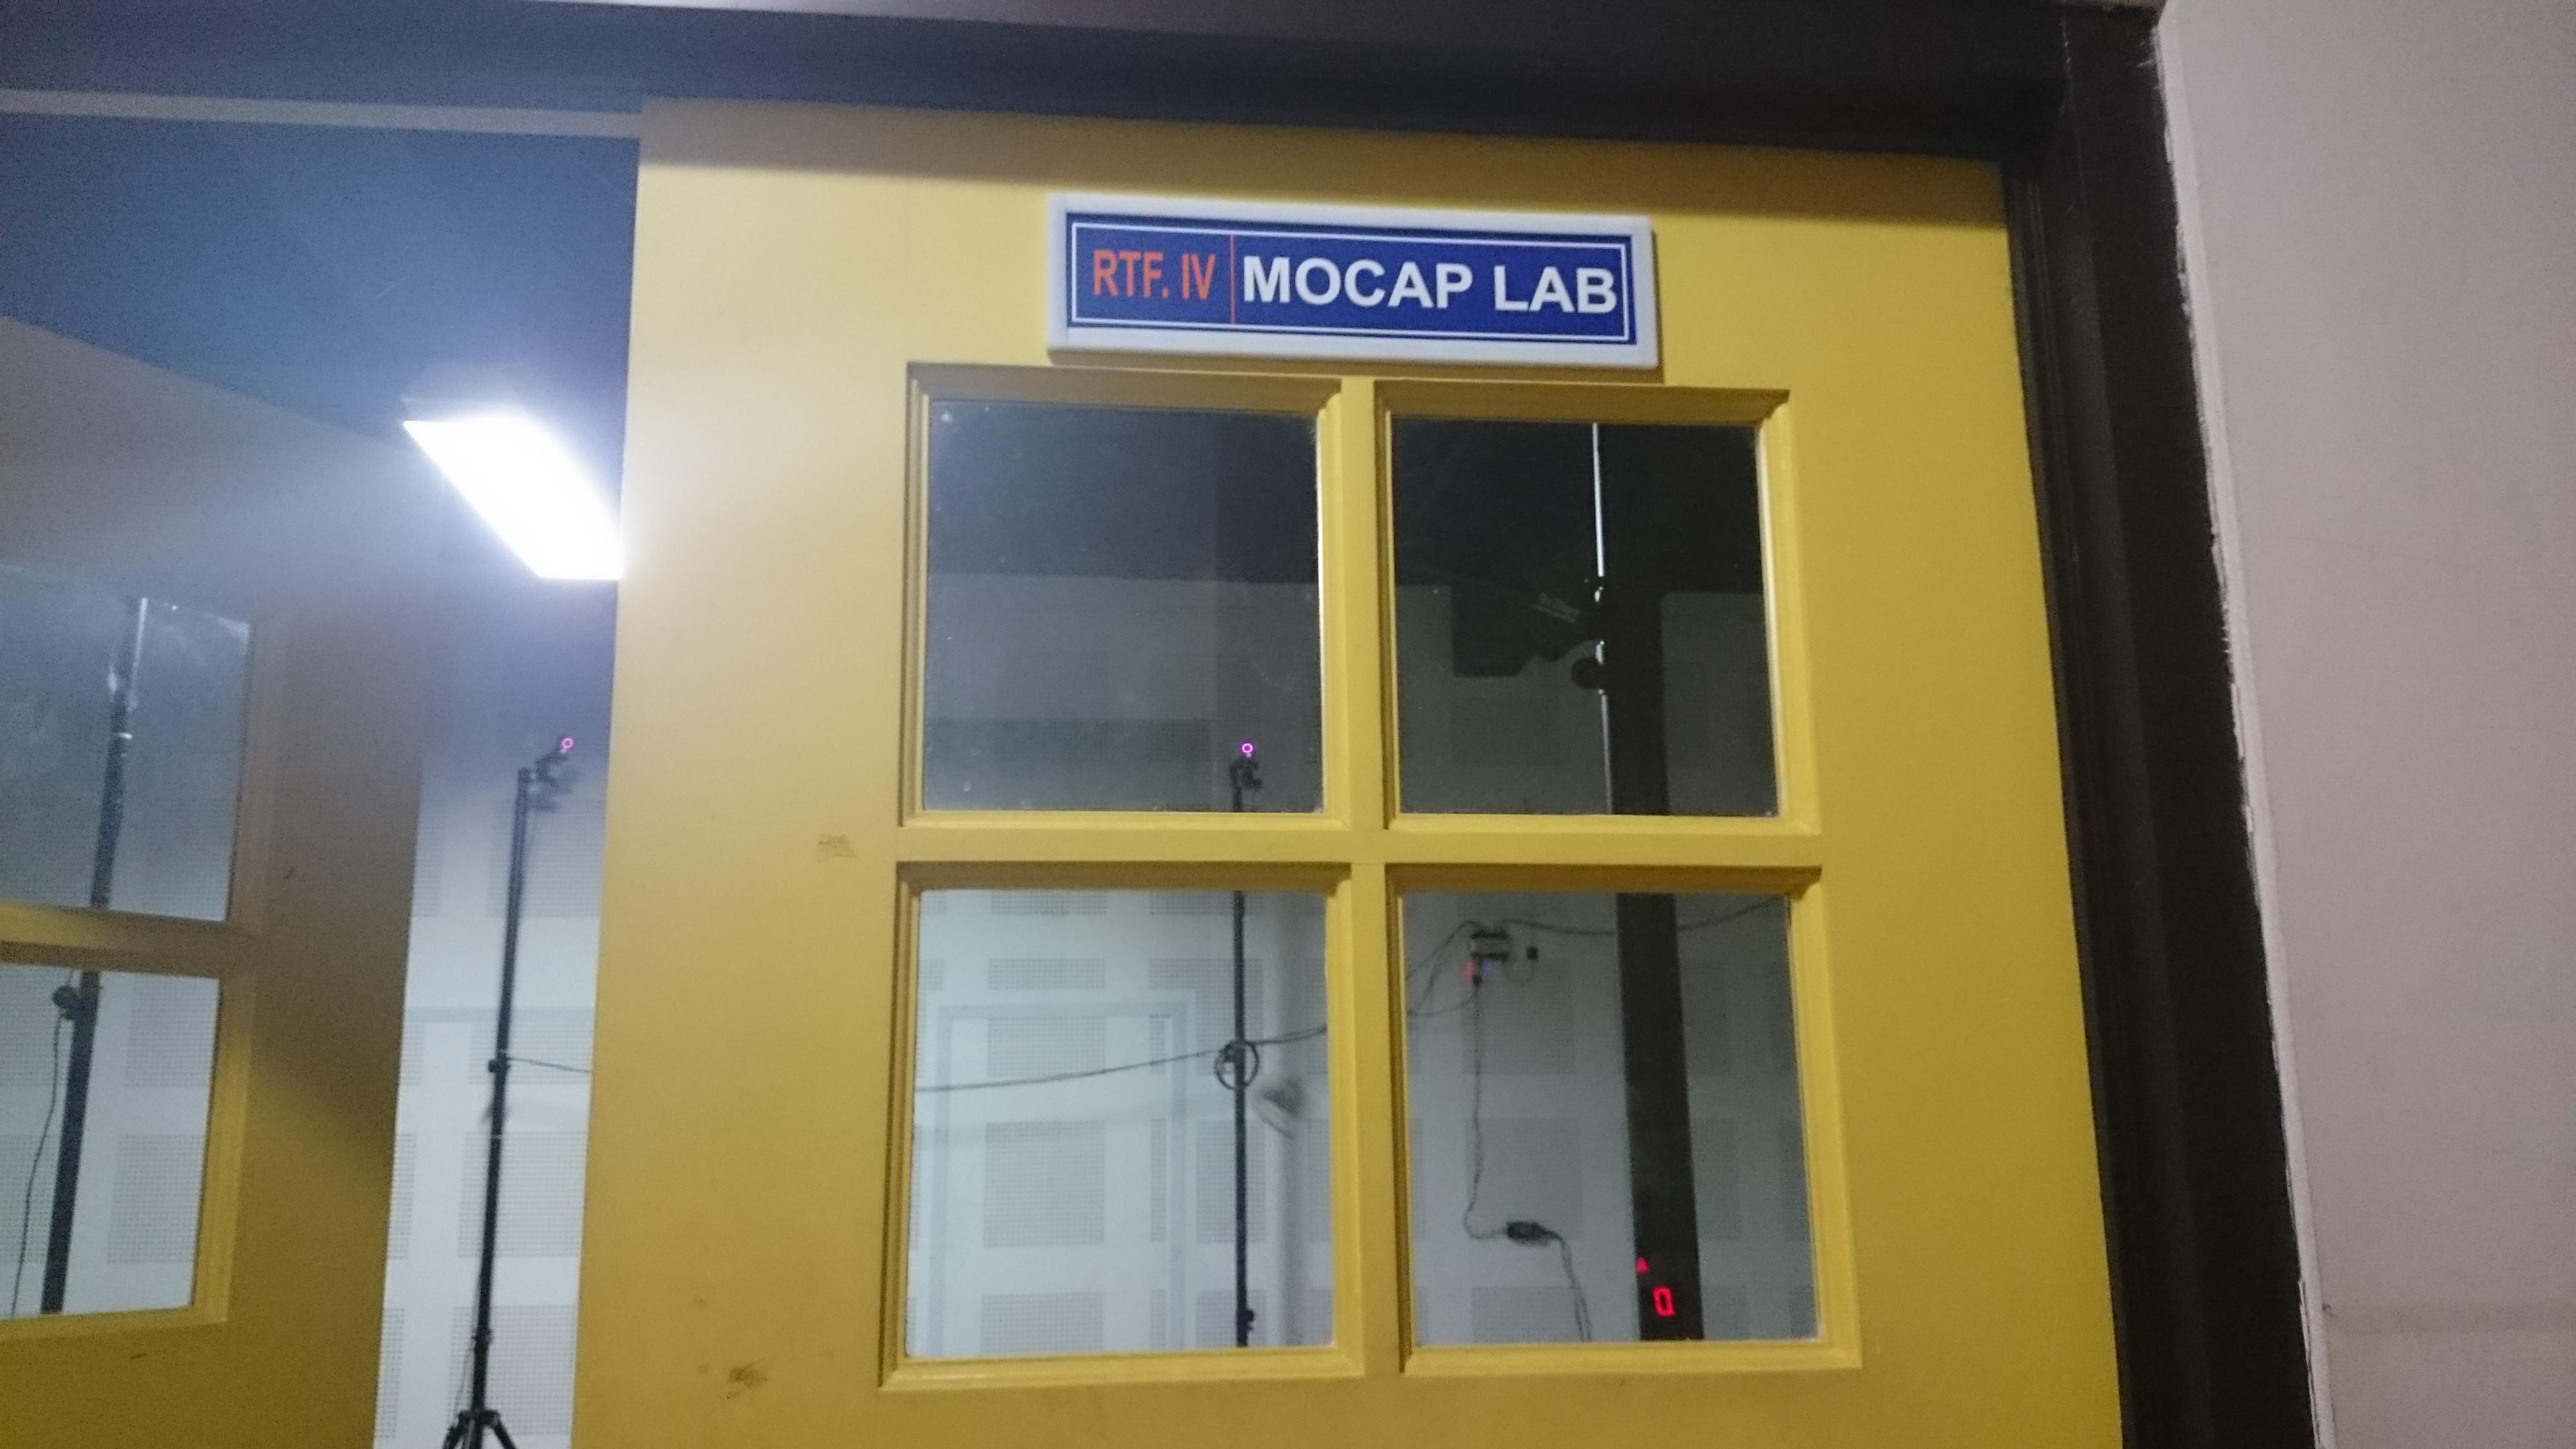 Pintu masuk laboratorium motion capture.